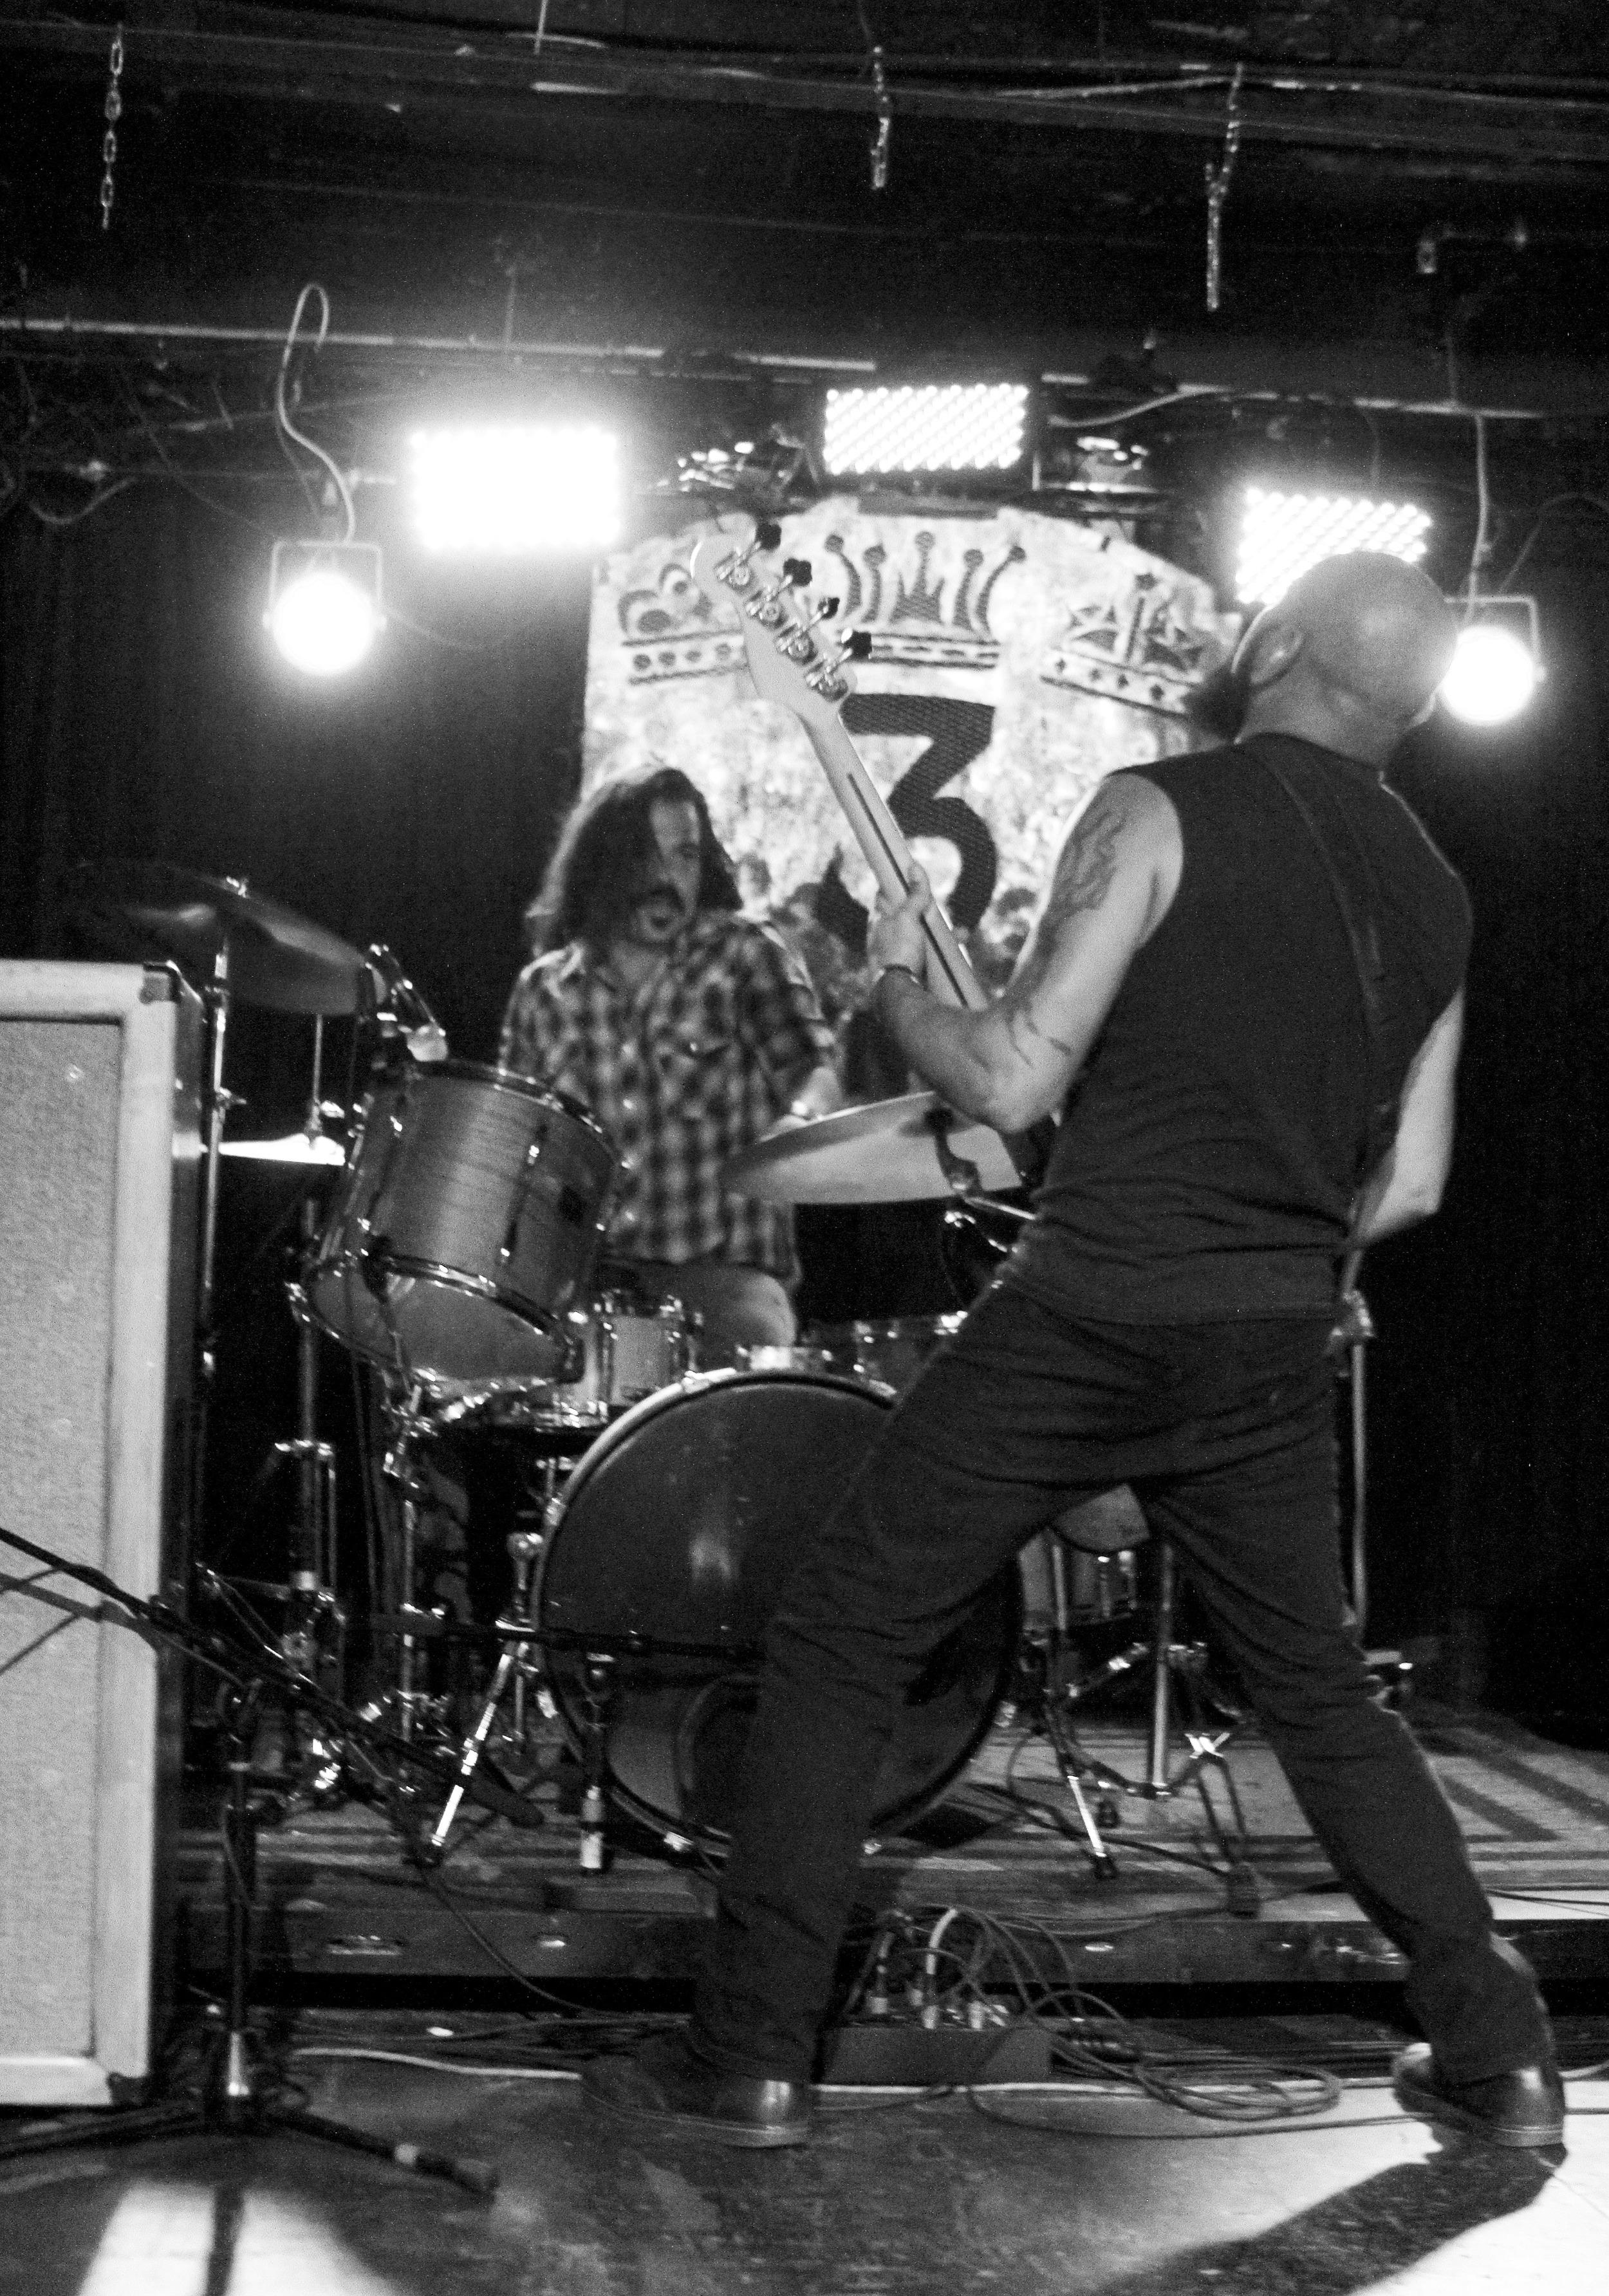 Buddy Hachar and Dan Alvarez, Greenbeard. Photo: Goodwin